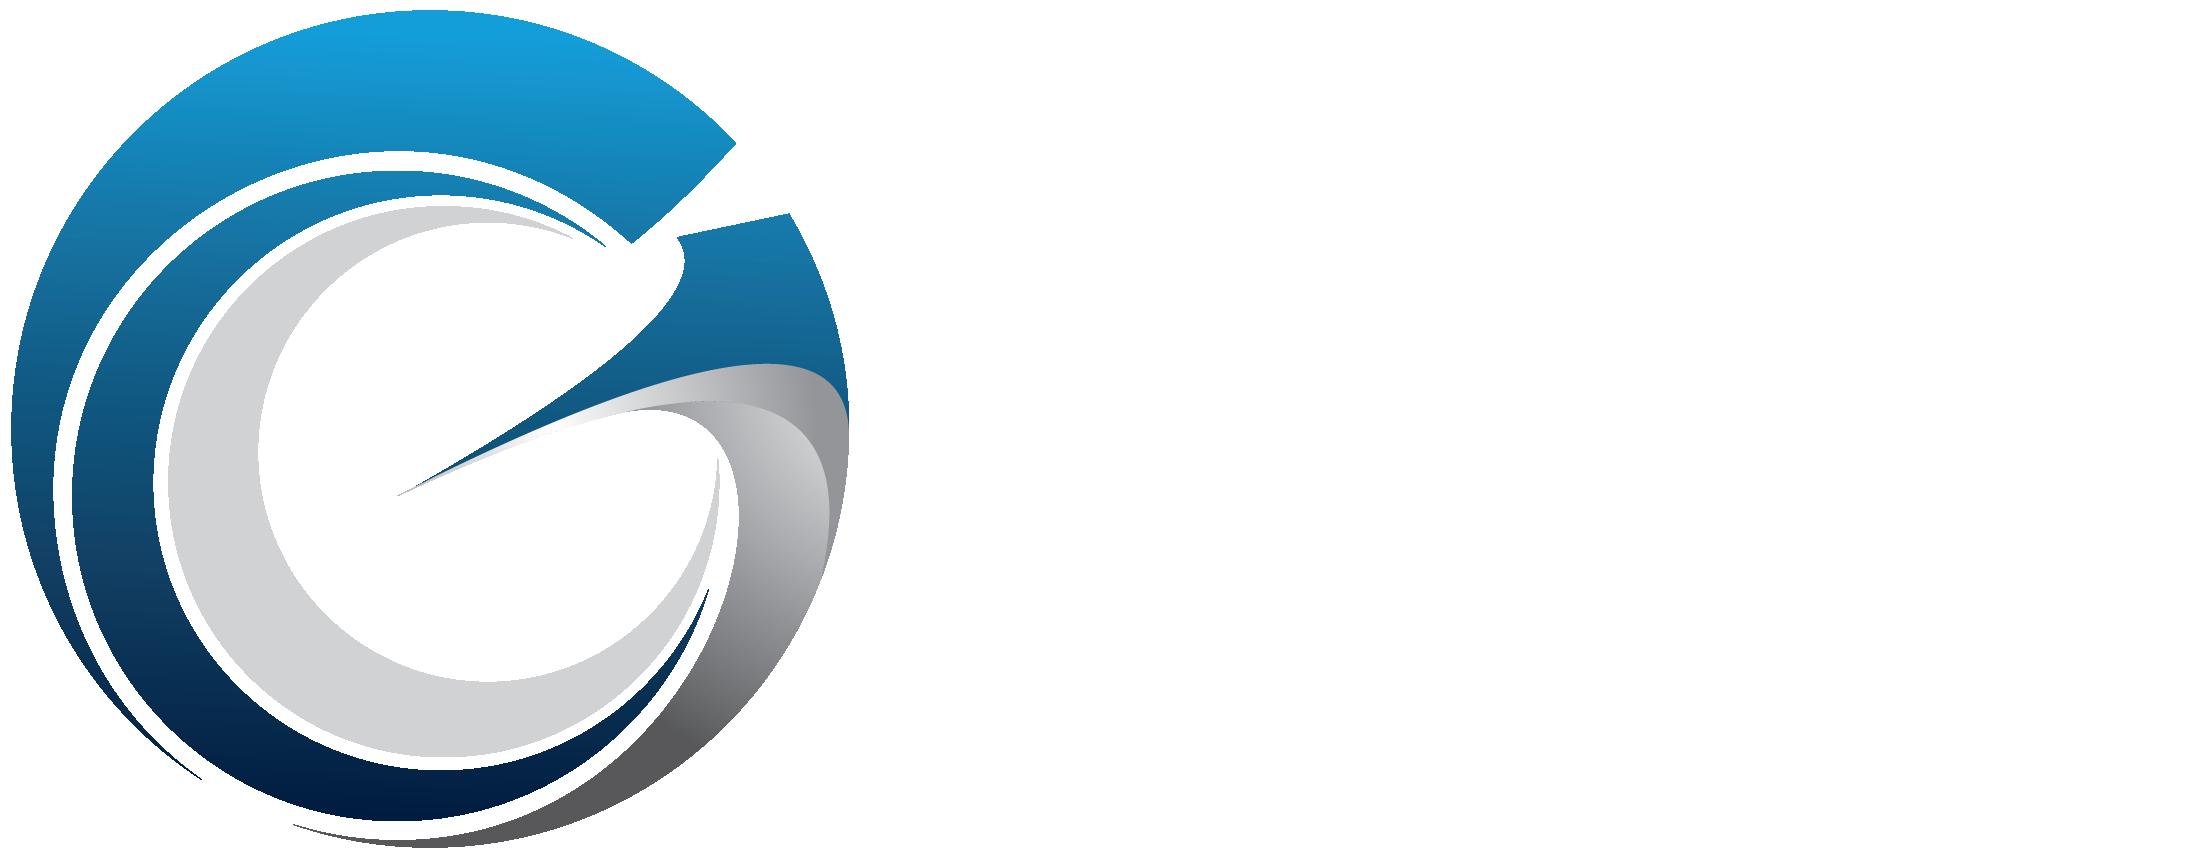 Group-Elite-logo-2020-upper%20left%20web